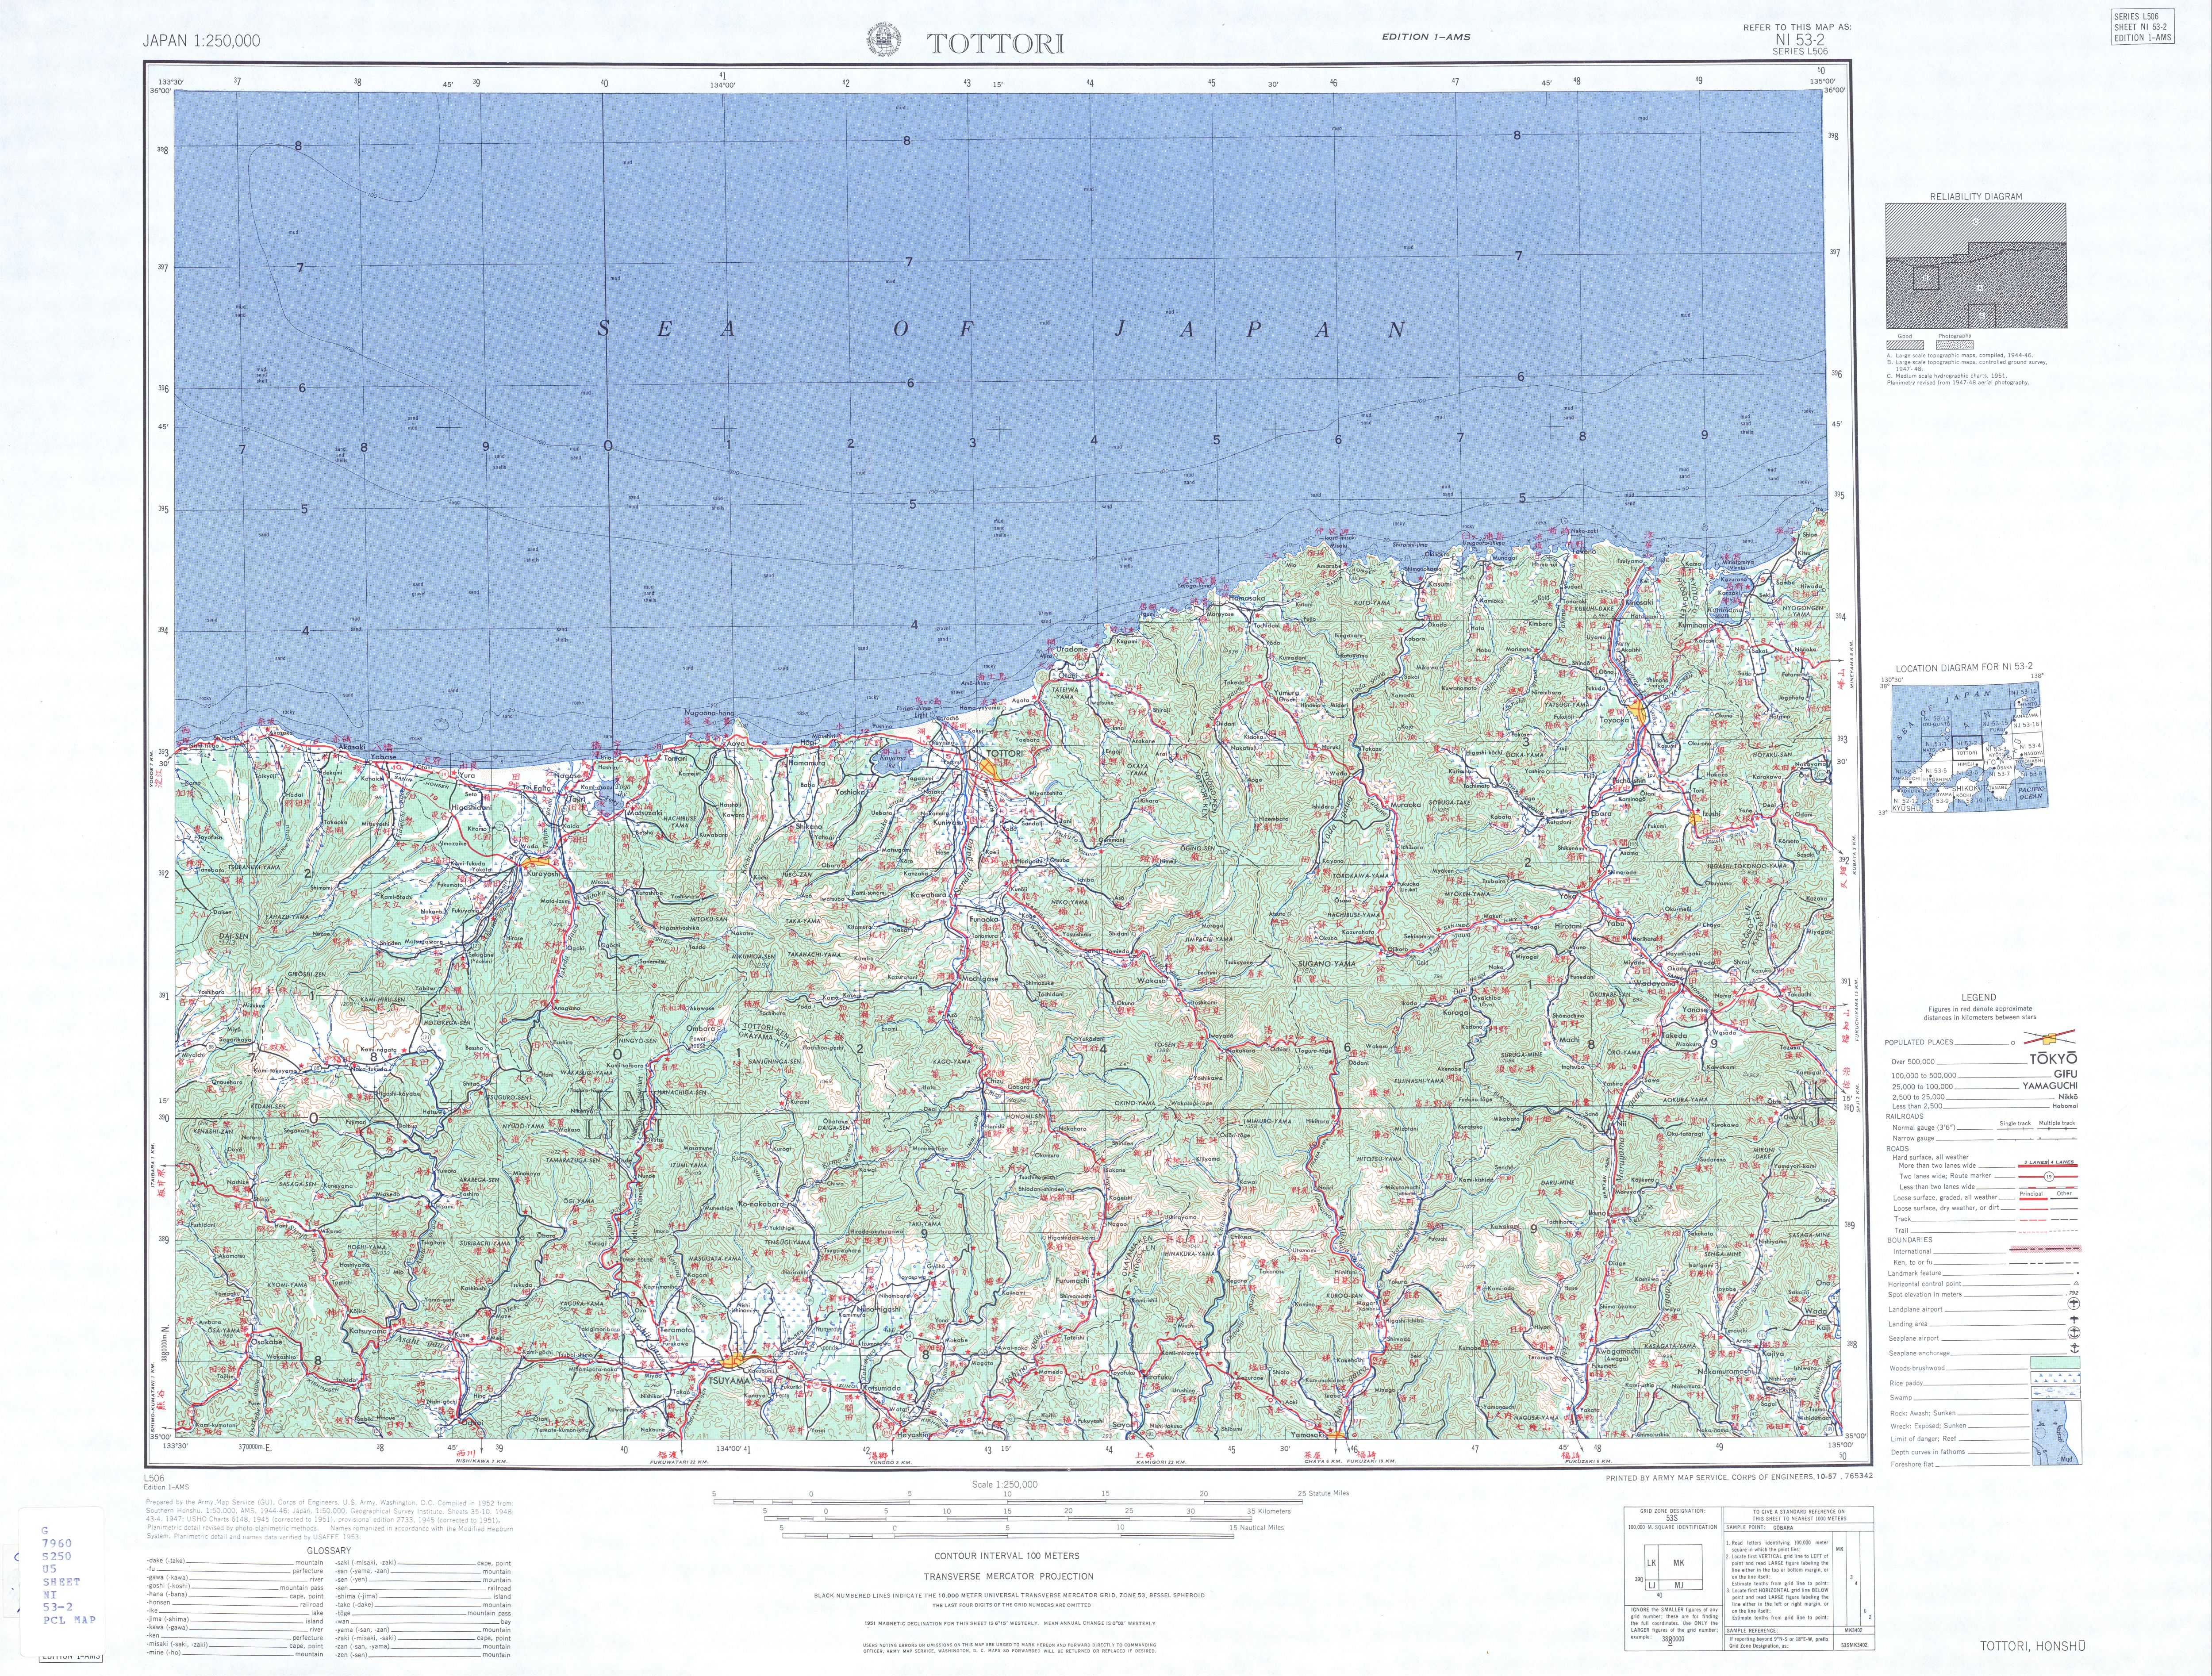 Hoja Tottori del Mapa Topográfico de Japón 1954